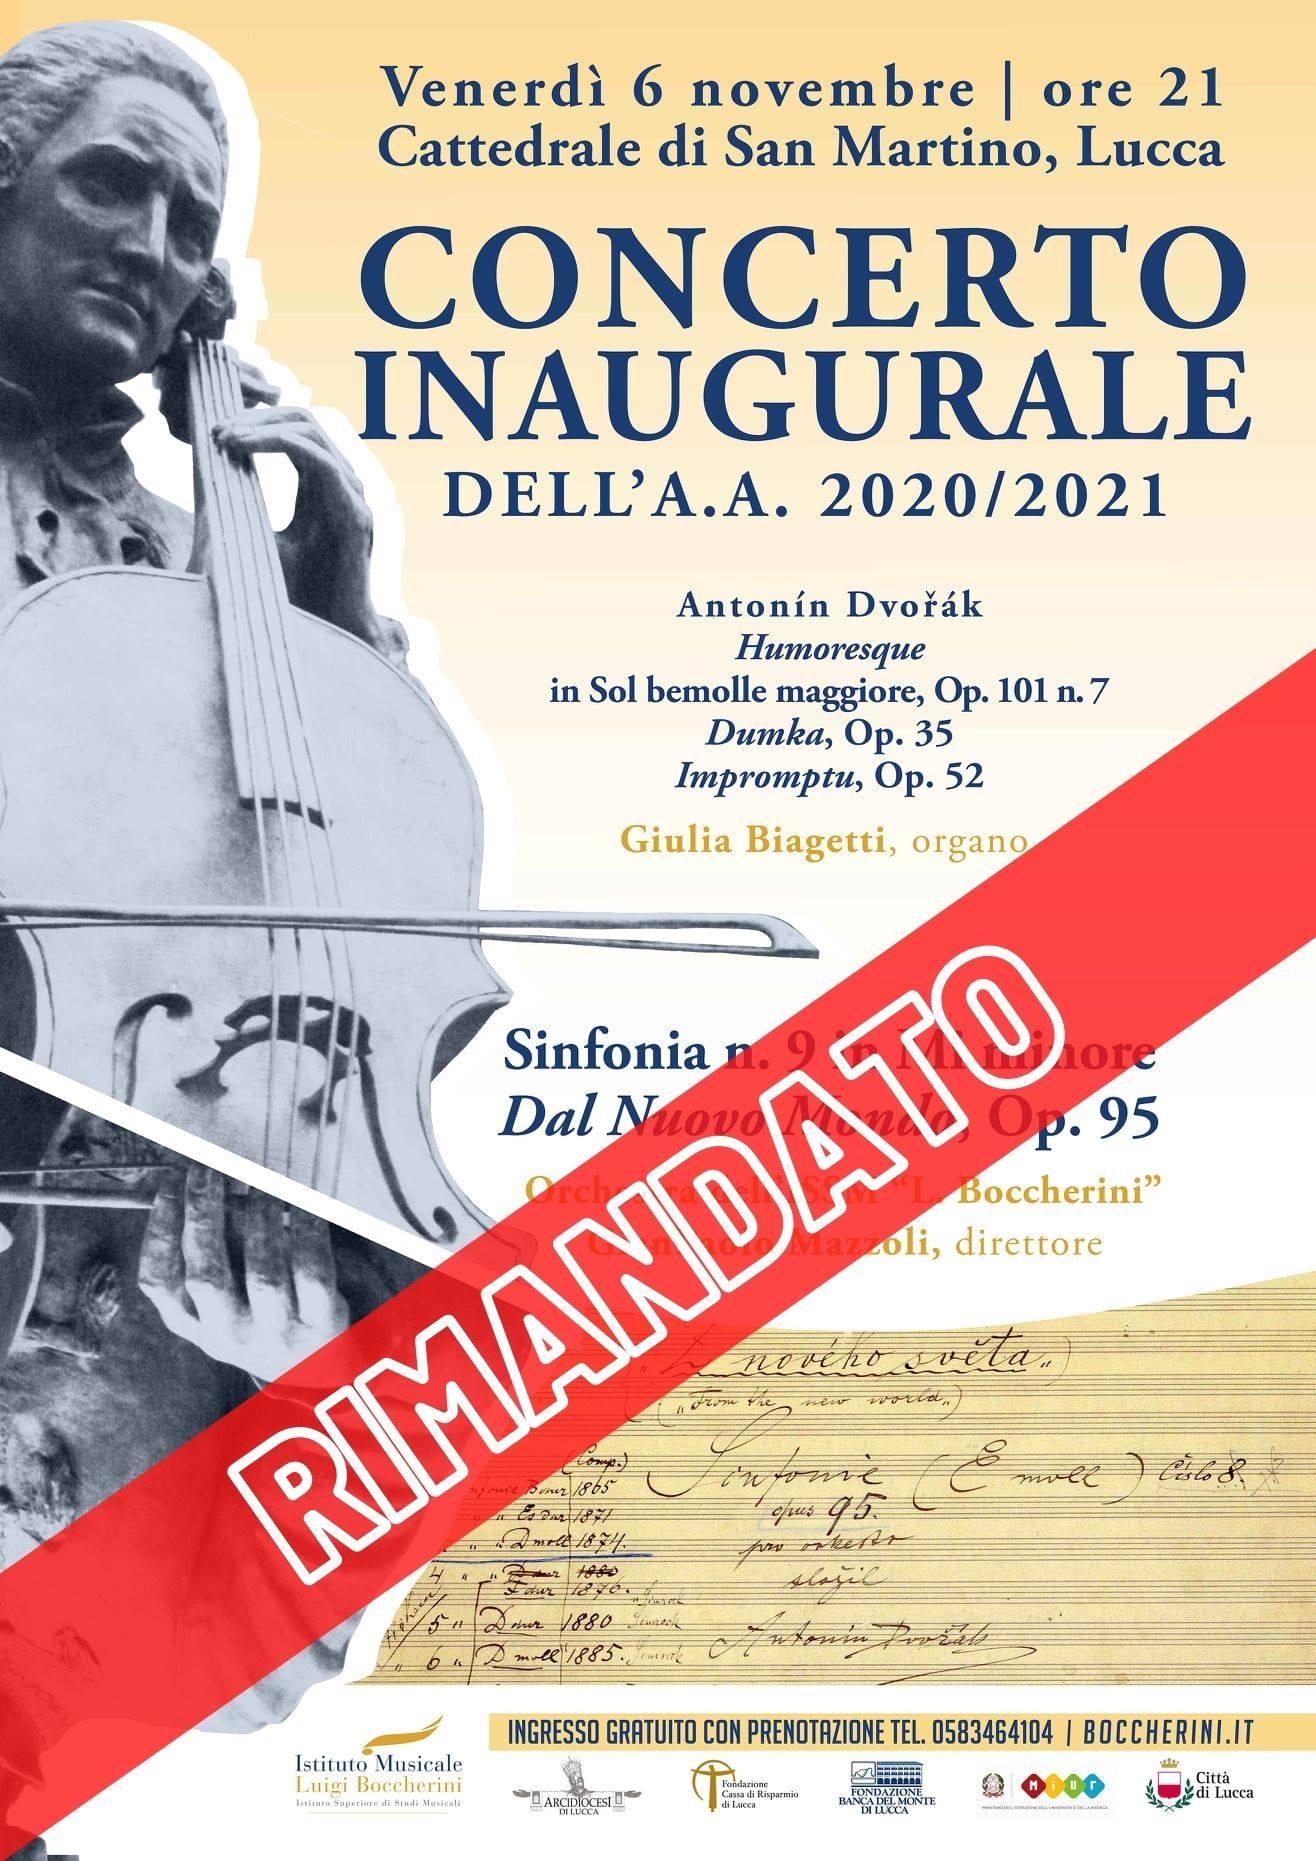 Concerto inaugurale dell'A.A. 2020/2021 RIMANDATO